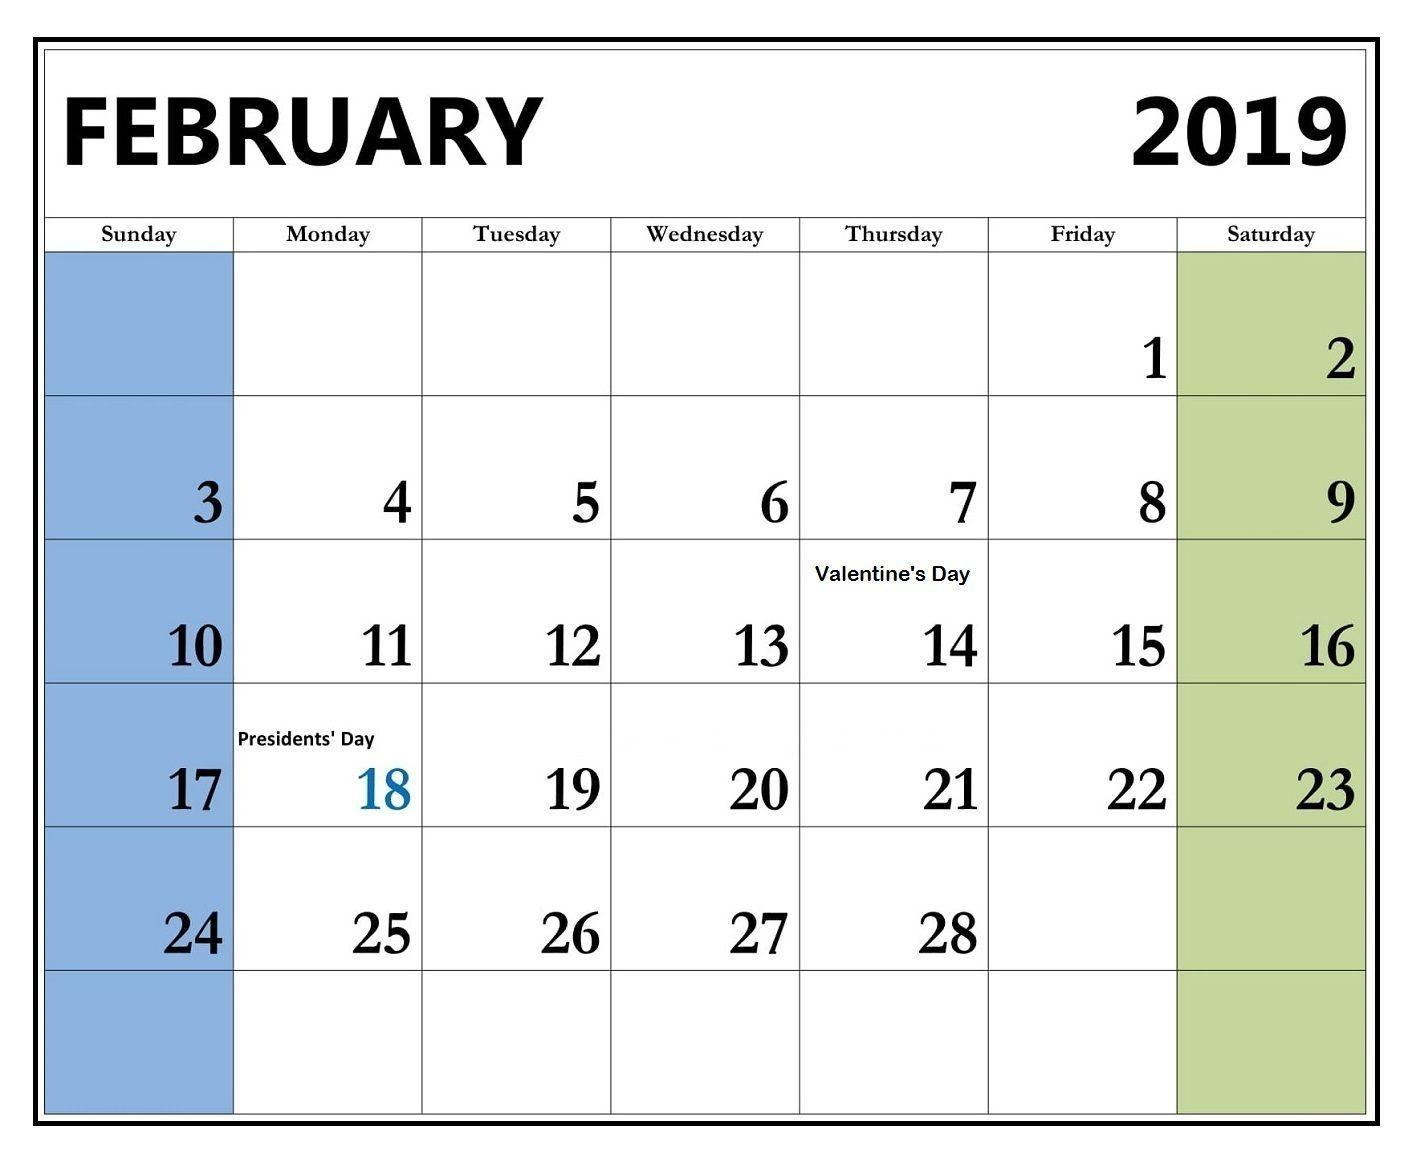 February 2019 Calendar Usa February 2019 Calendar with Holidays United States (USA